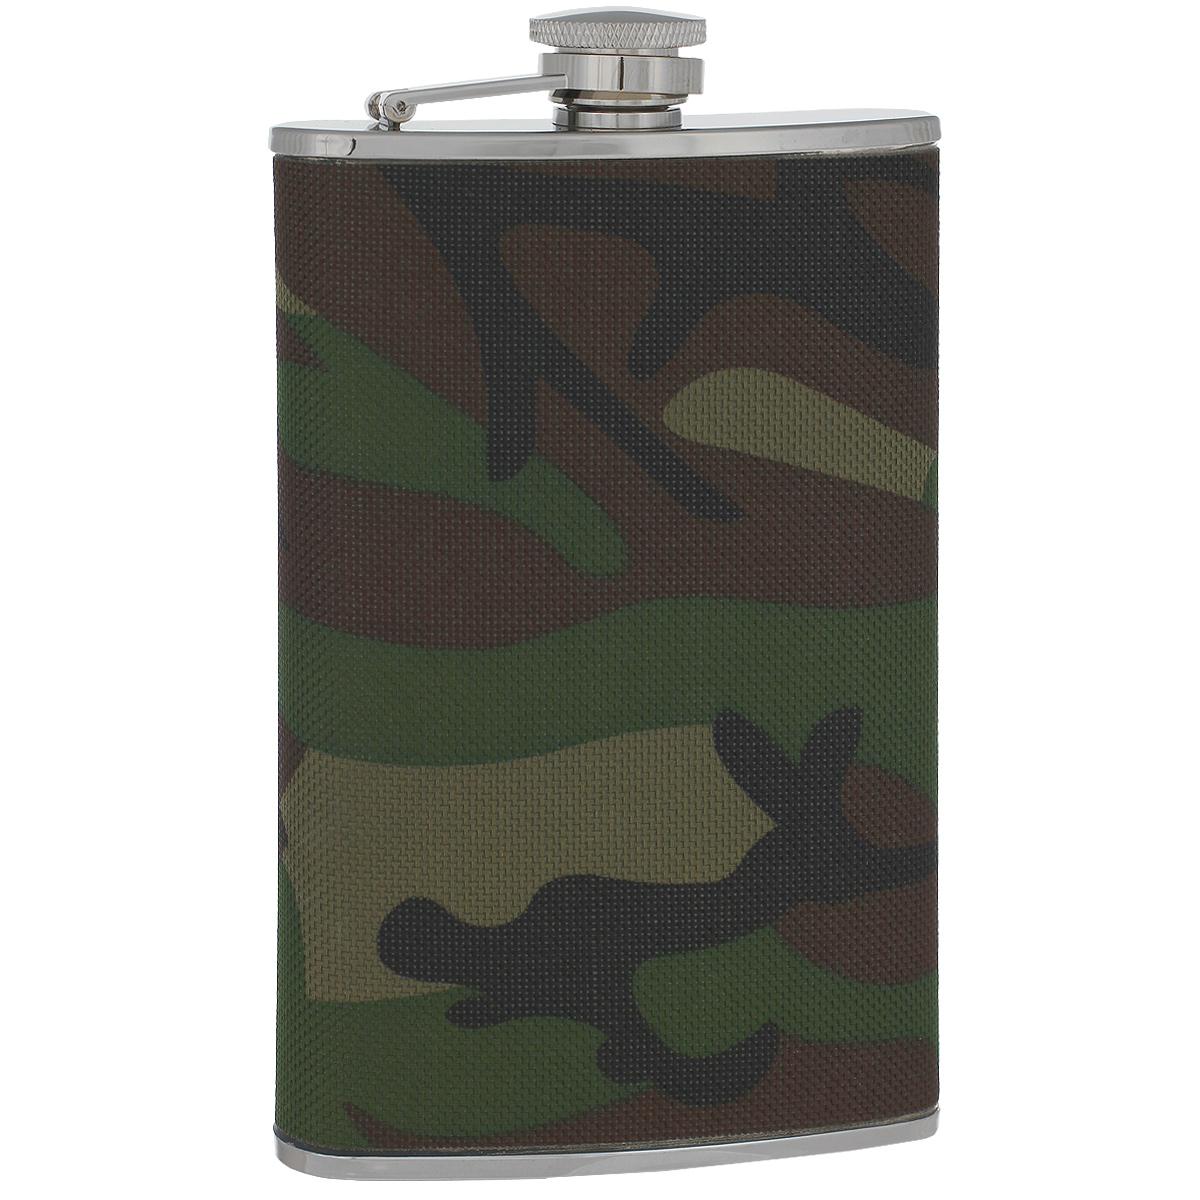 Фляга S.Quire Камуфляж, 270 млTB09-3411NФляга S.Quire изготовлена из нержавеющей стали 18/10 и оформлена текстильной вставкой с рисунком камуфляж. Фляга специально предназначена для хранения алкогольных напитков. Ее нельзя использовать для напитков, содержащих кислоту, таких как сок и сердечные лекарства. Крышка плотно закрывается, предотвращая проливание. Фляга S.Quire - идеальный подарок для настоящих мужчин. Стильный дизайн, компактность и качество изделия, несомненно, порадуют любого мужчину.